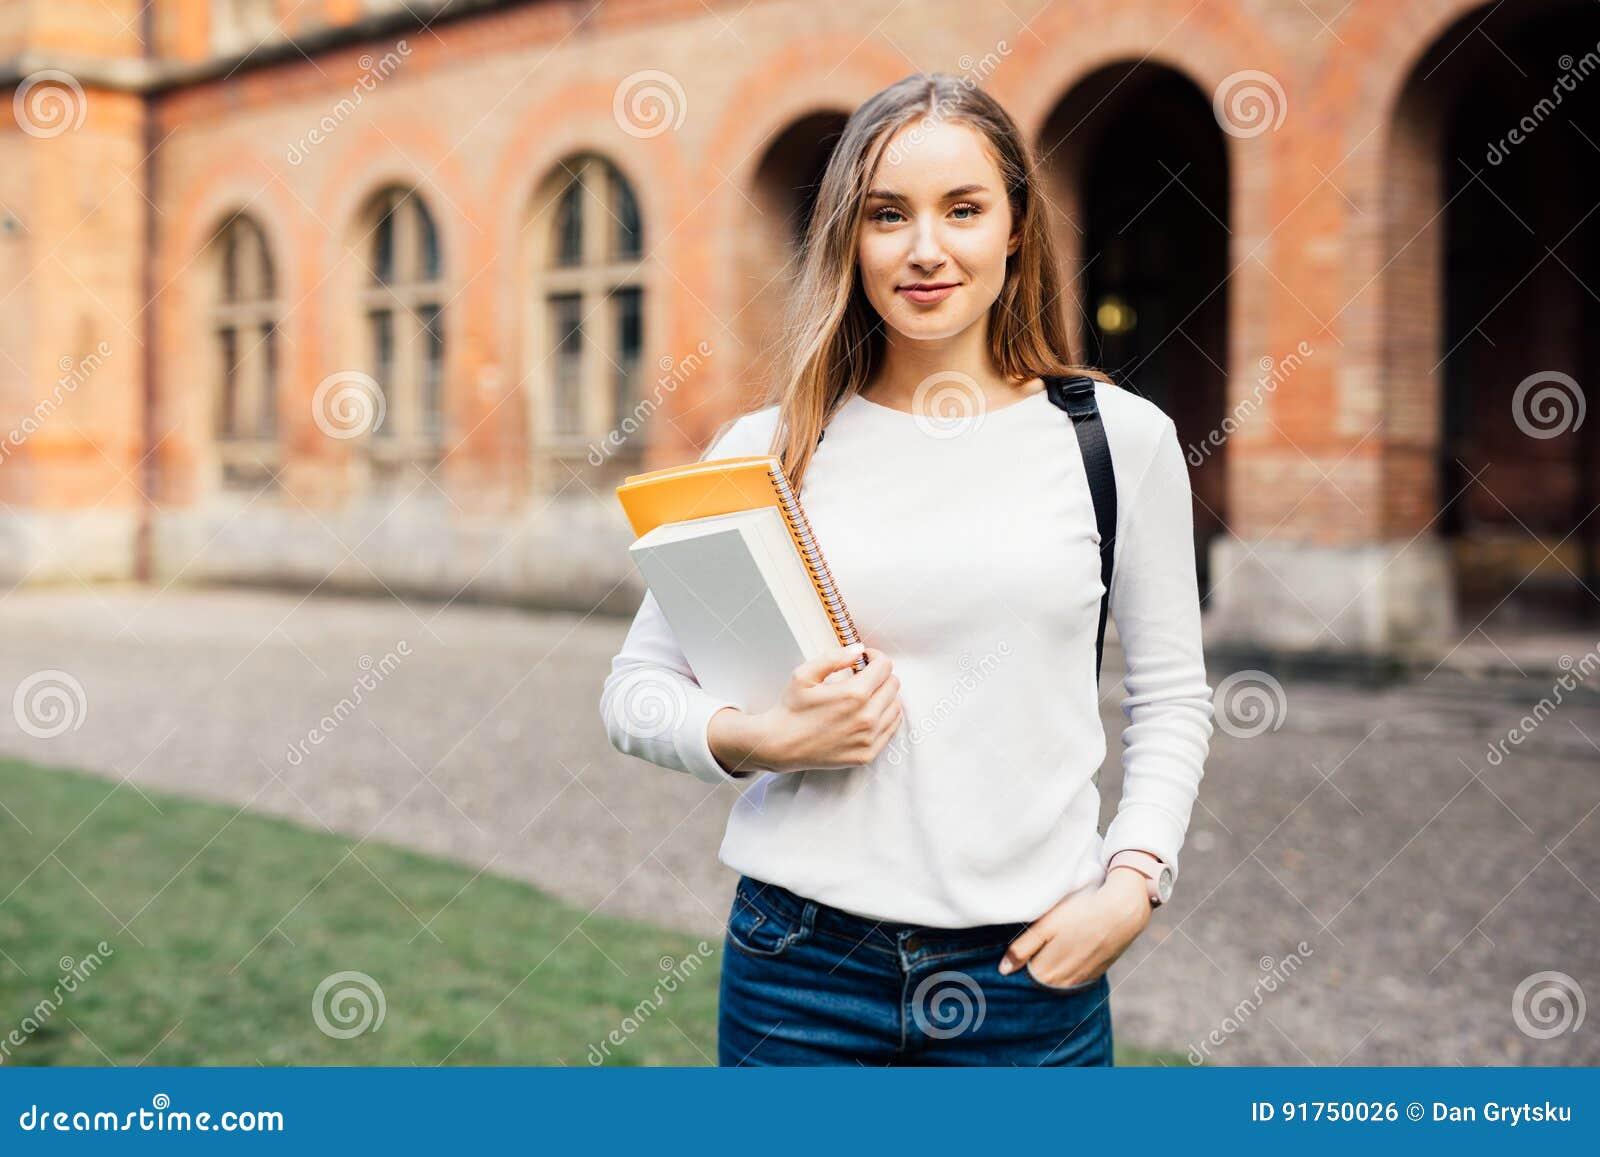 Intelligenter weiblicher Student mit Tasche und Büchern auf dem Campus draußen